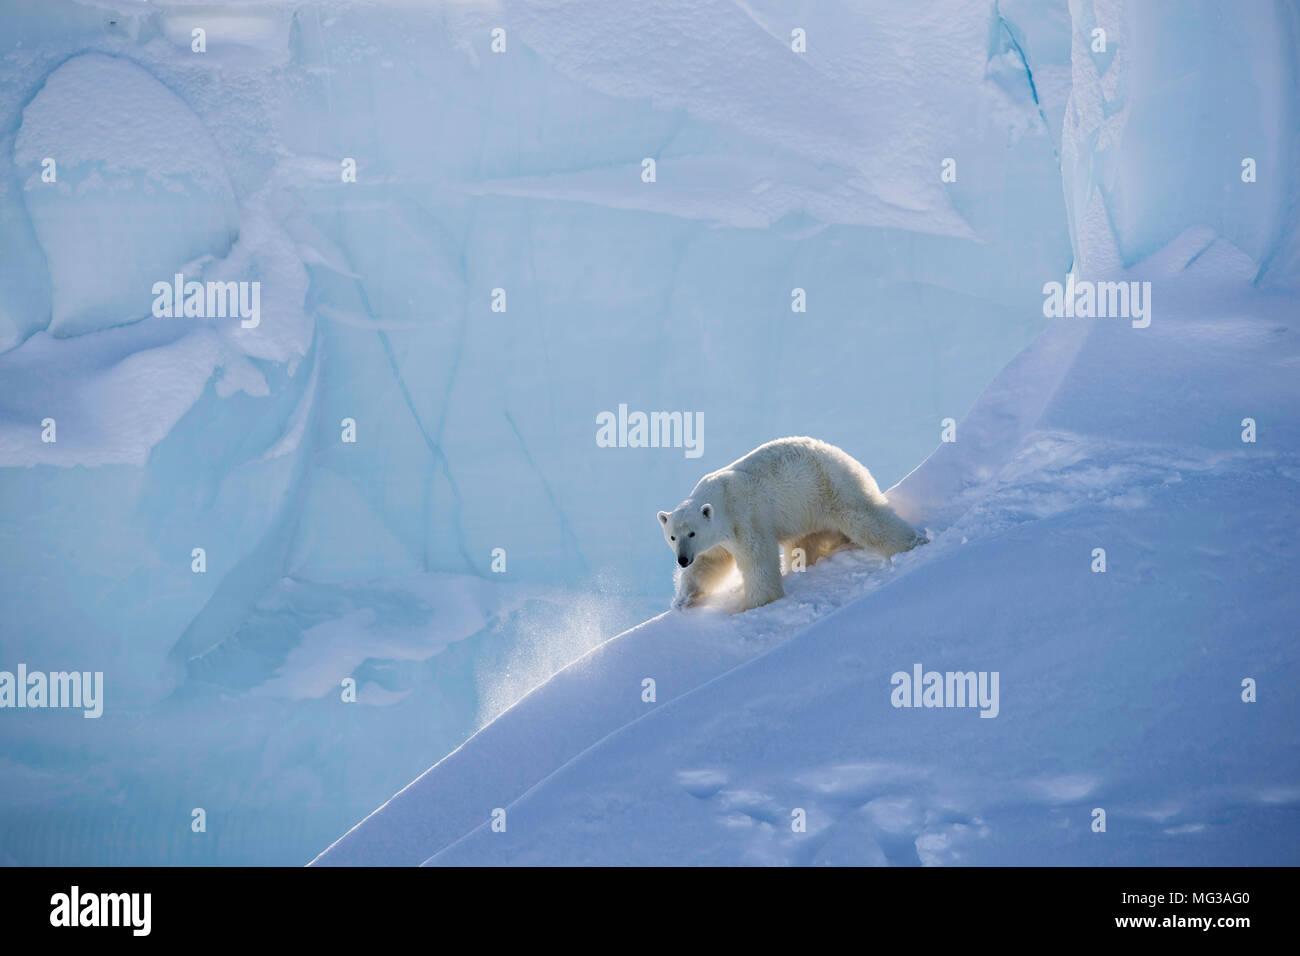 L'ours polaire femelle glisse dans la neige et la glace d'un iceberg, sur l'île de Baffin, dans le Nord du Canada Photo Stock